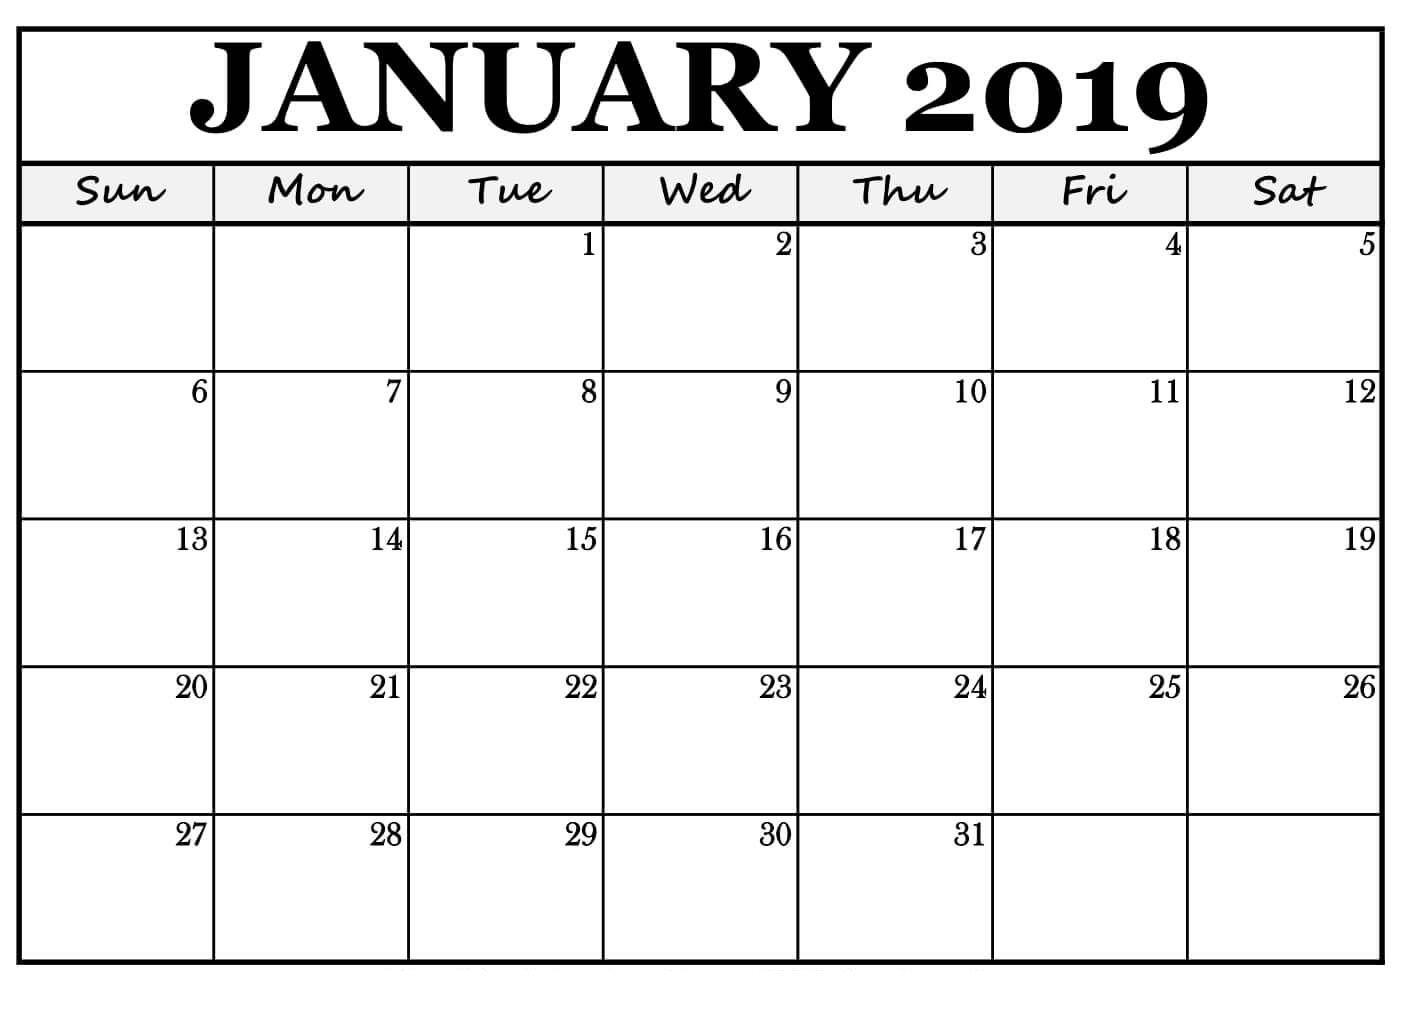 January 2019 Printable Calendar Word   November Printable